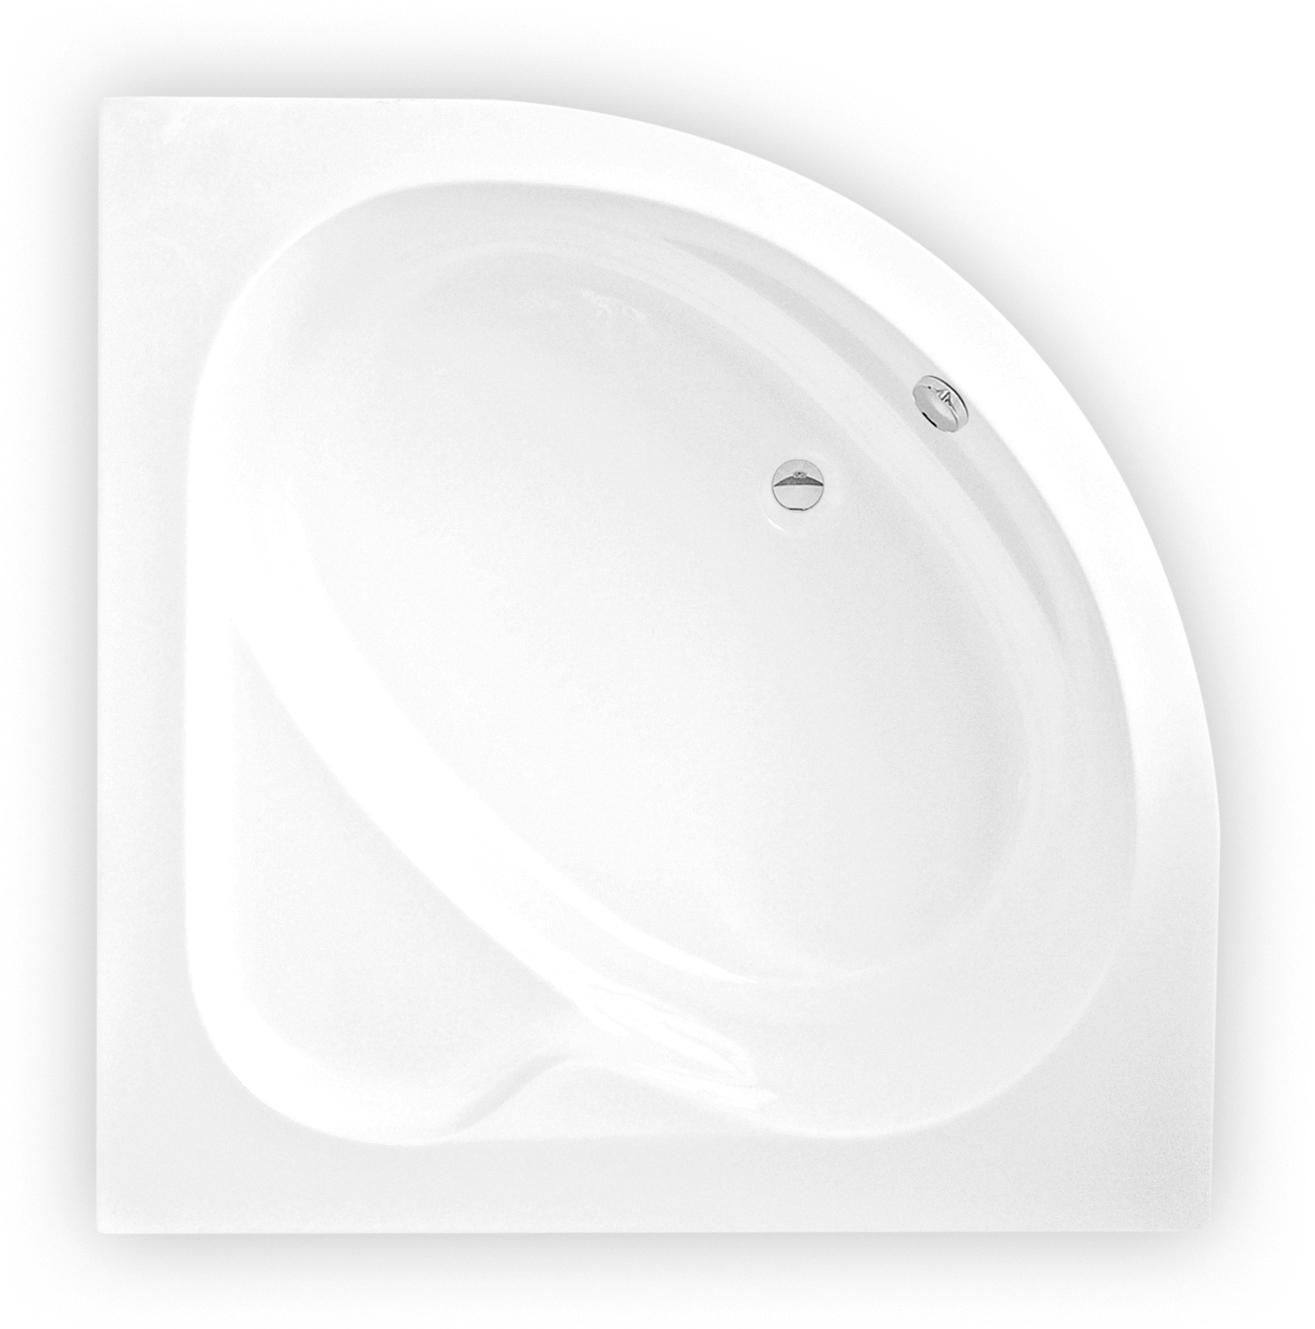 Panel čelní /120, Objem: ---, Rozměr: Výška = 520 mm, Typ: Panel čelní /120, Způsob dodání: S, FLORA NEO